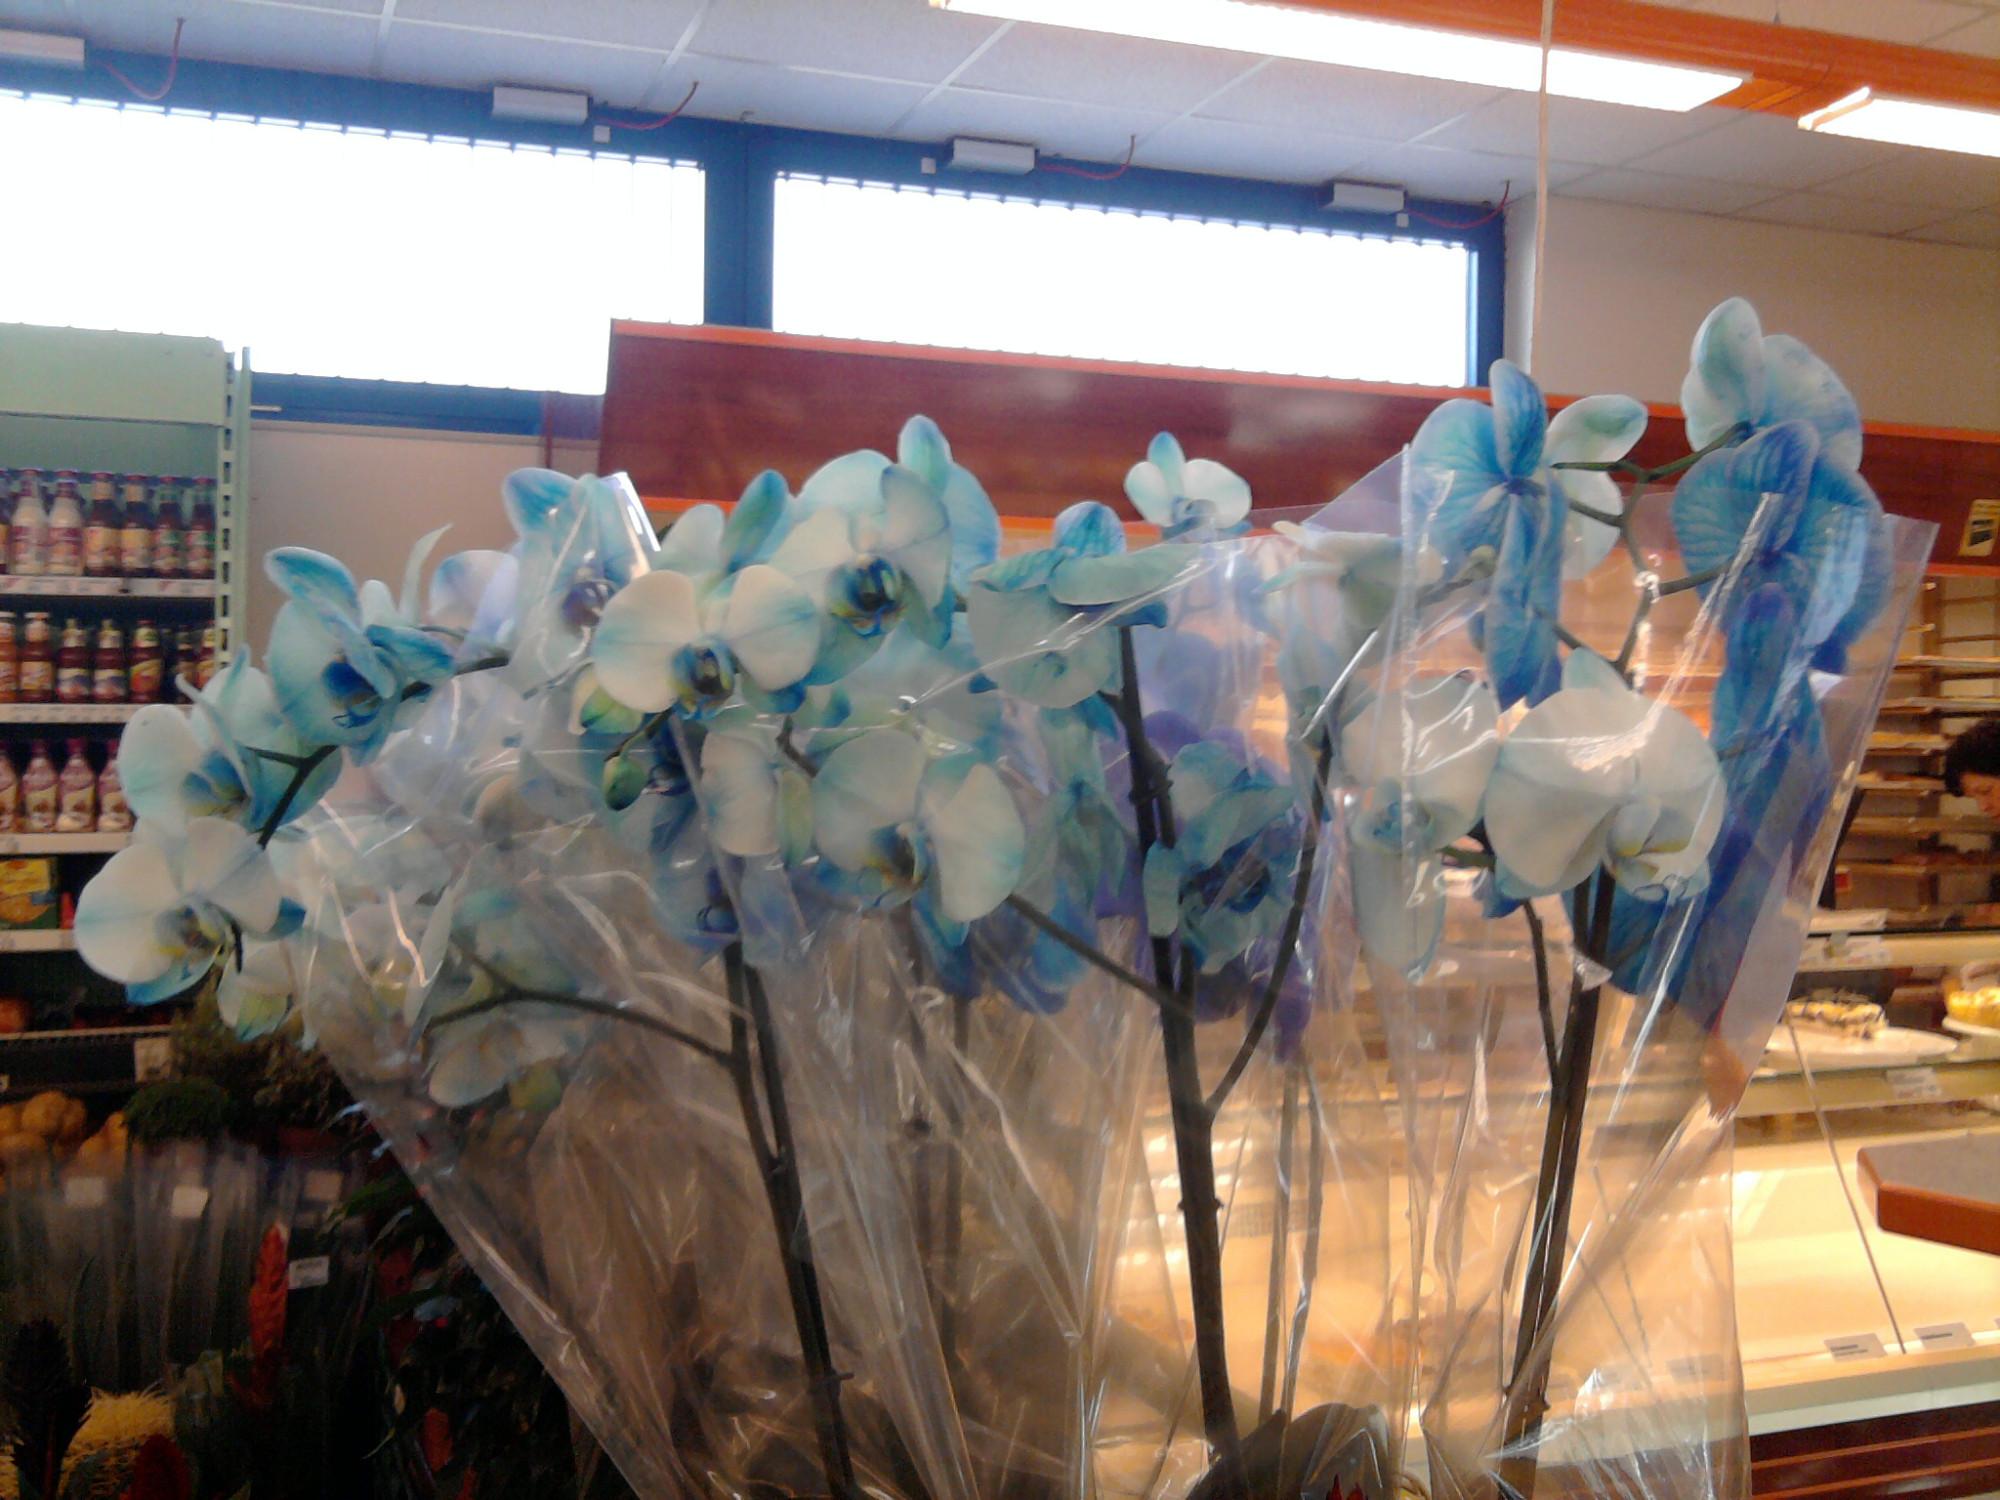 blaue orchideen ich glaube alles was einen nicht t tet macht einen komischer. Black Bedroom Furniture Sets. Home Design Ideas